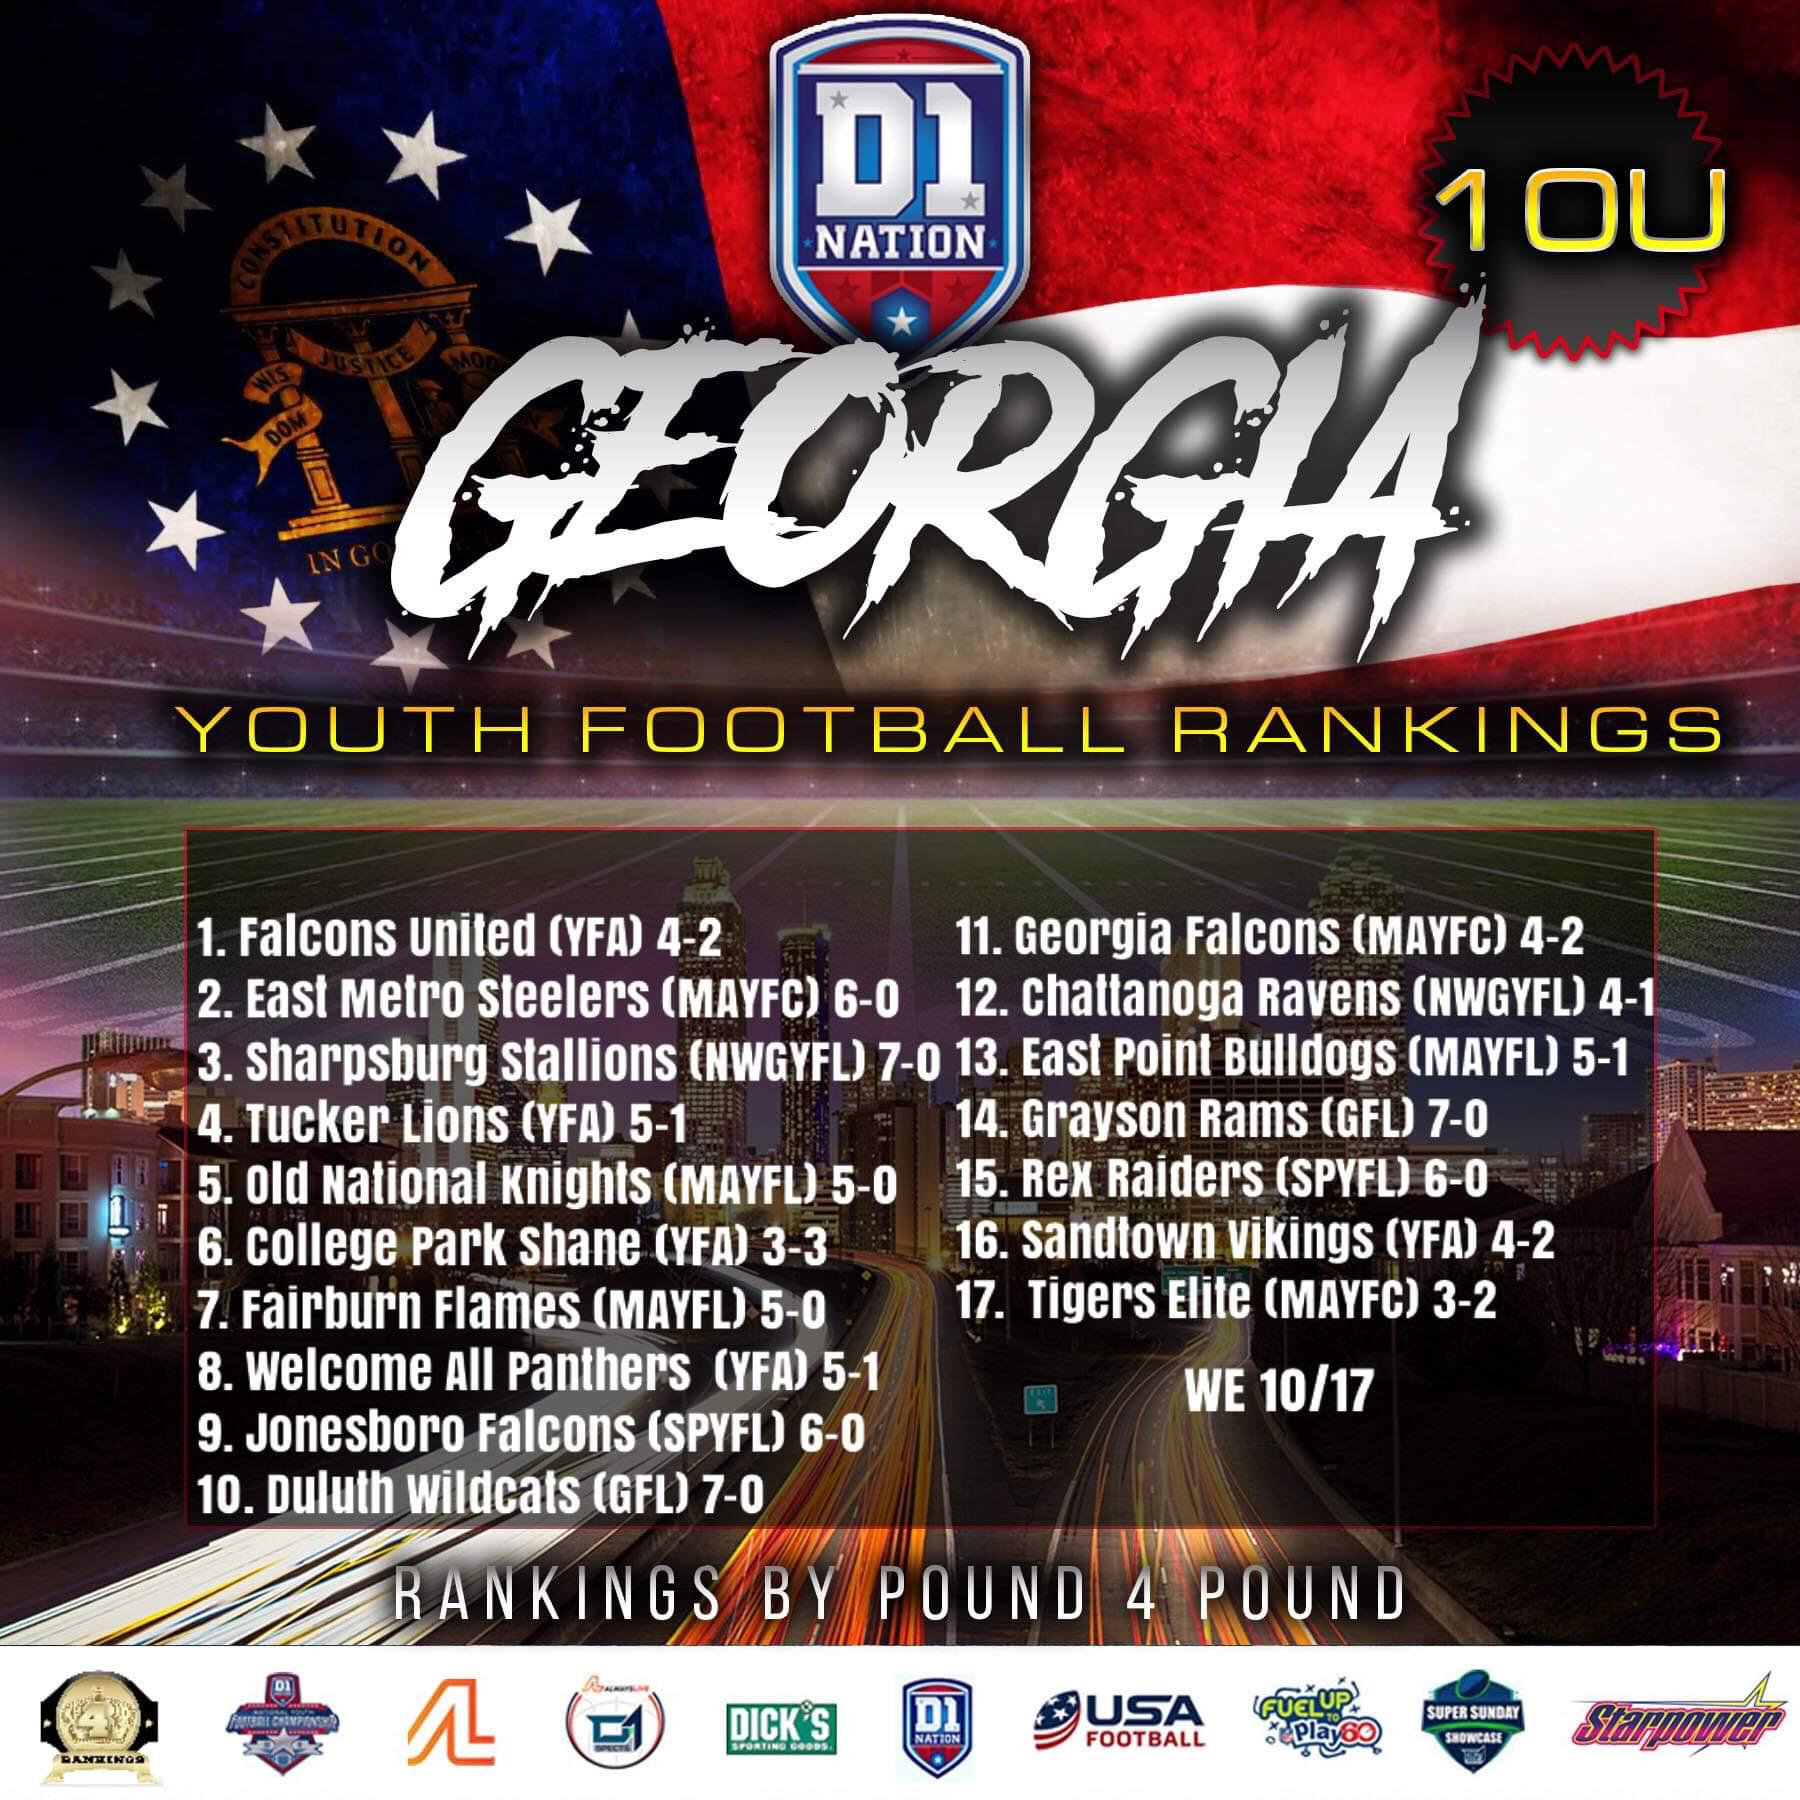 Update 10/21/2019: Georgia Youth Football Rankings – 10U